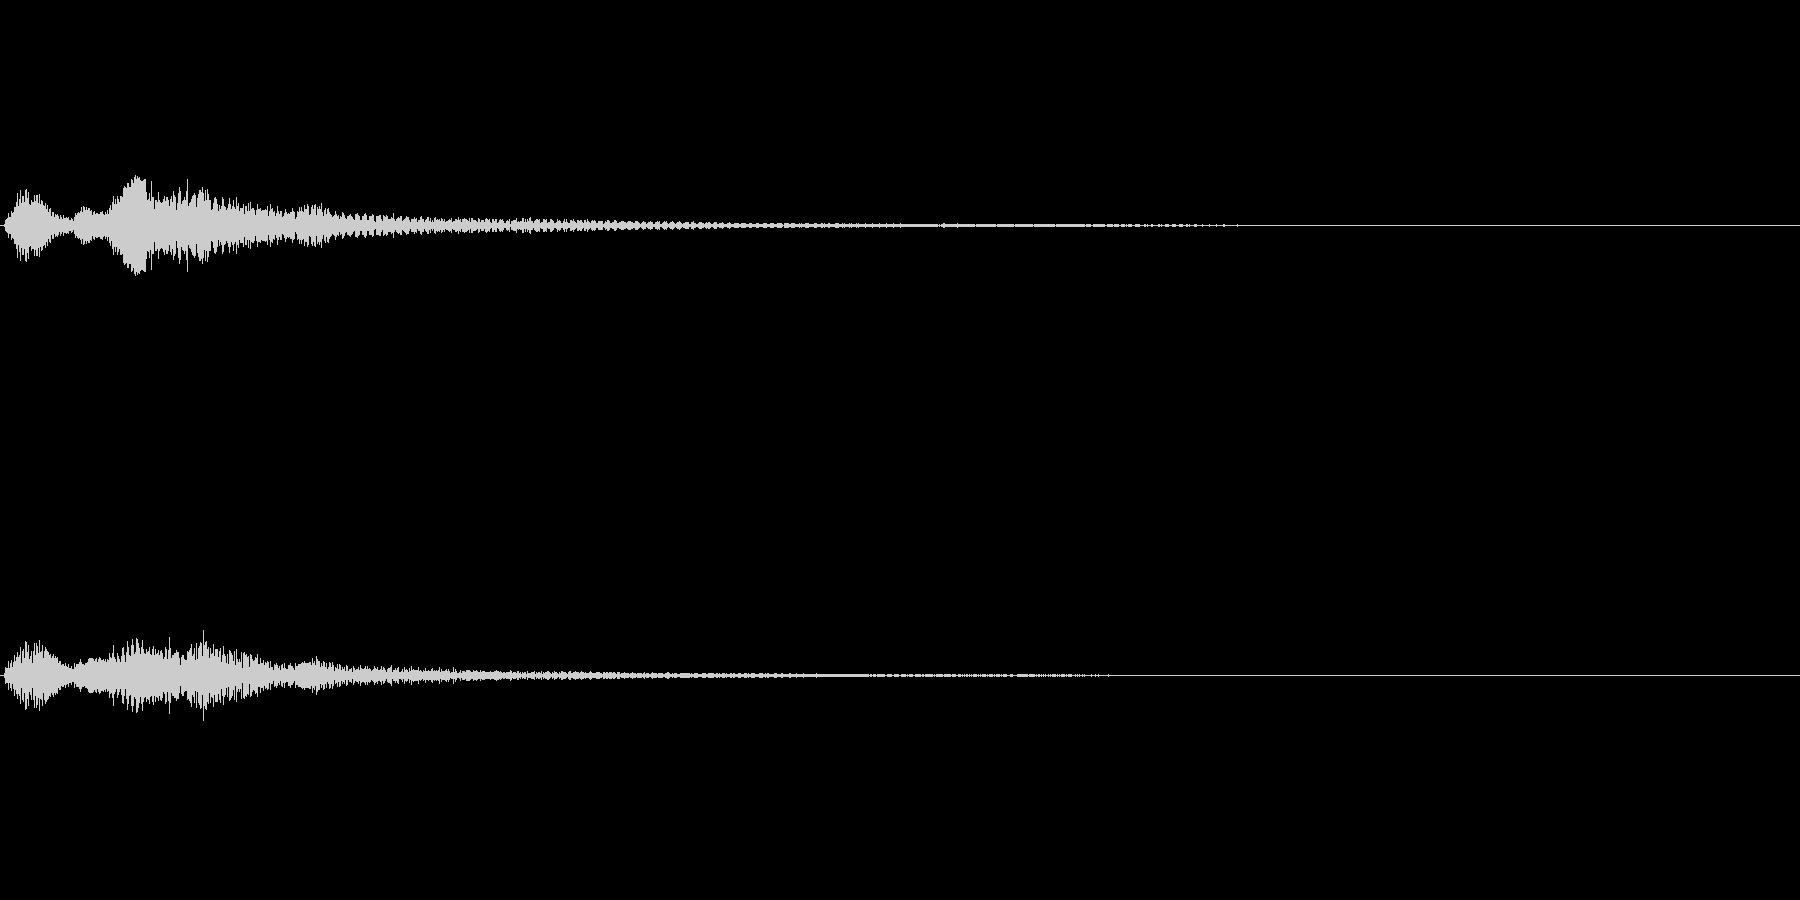 バイオリン 決定音 正解 装備変更 SEの未再生の波形